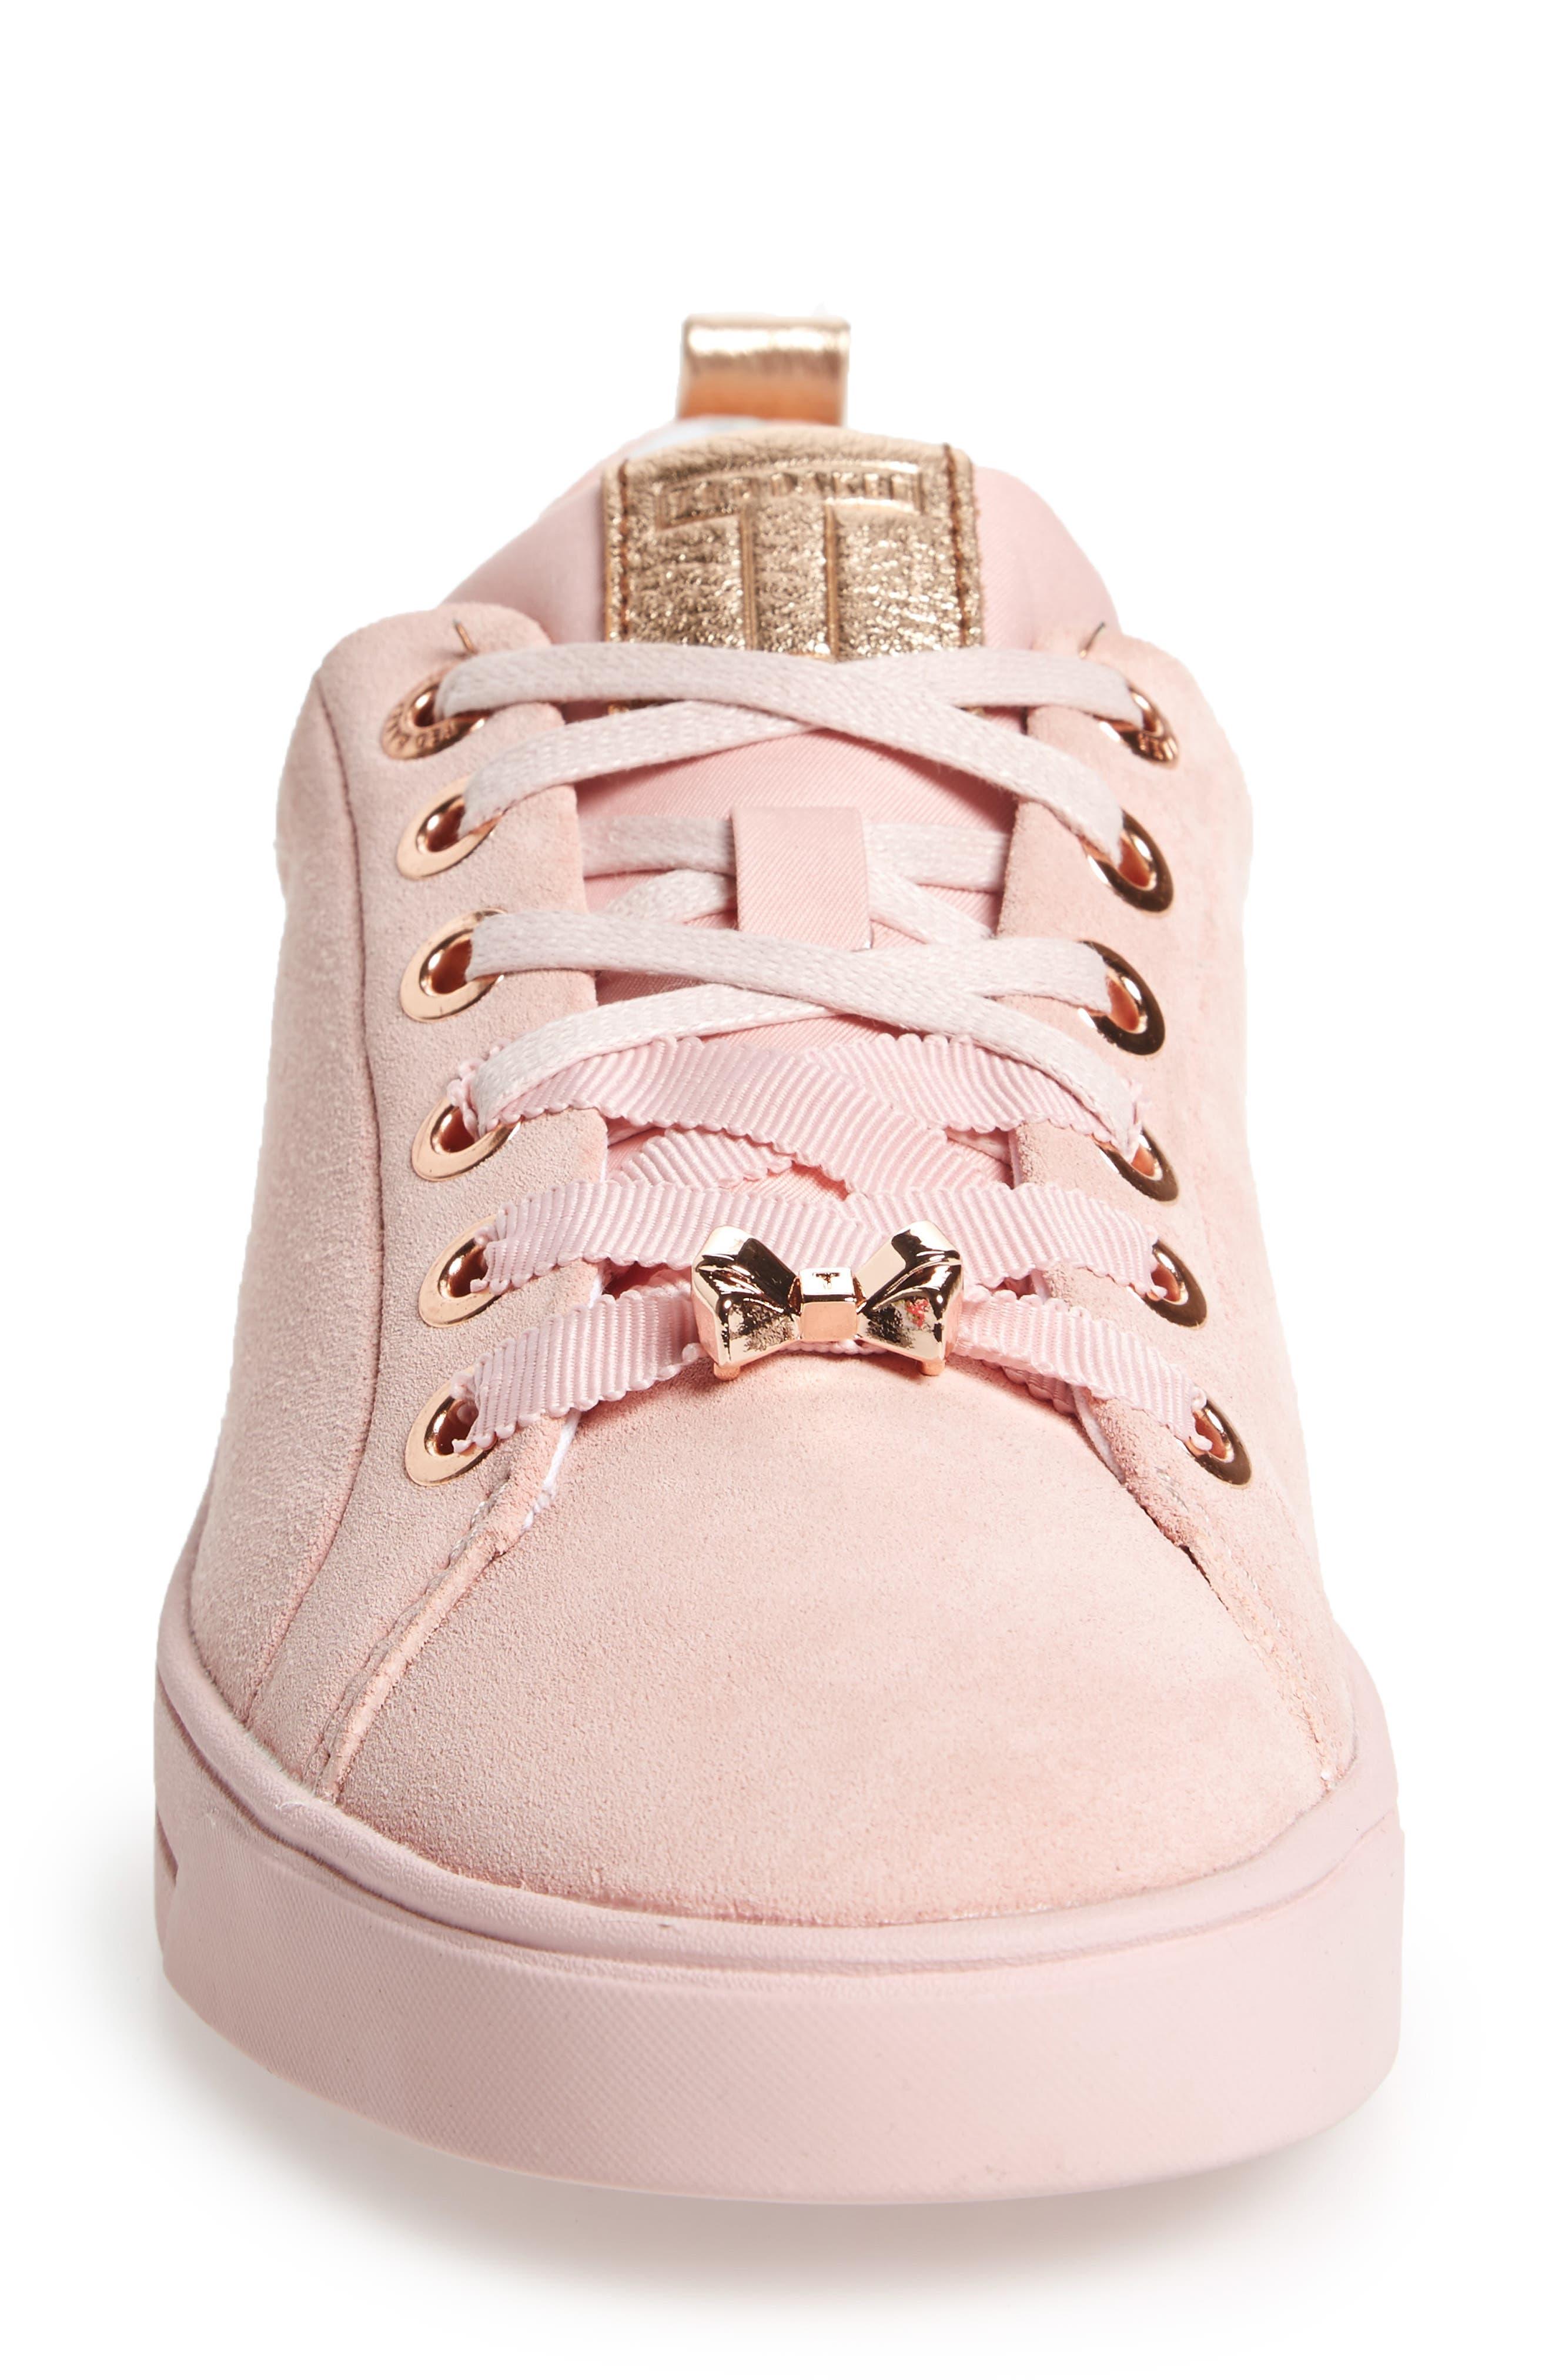 Kelleip Sneaker,                             Alternate thumbnail 4, color,                             Mink Pink Suede